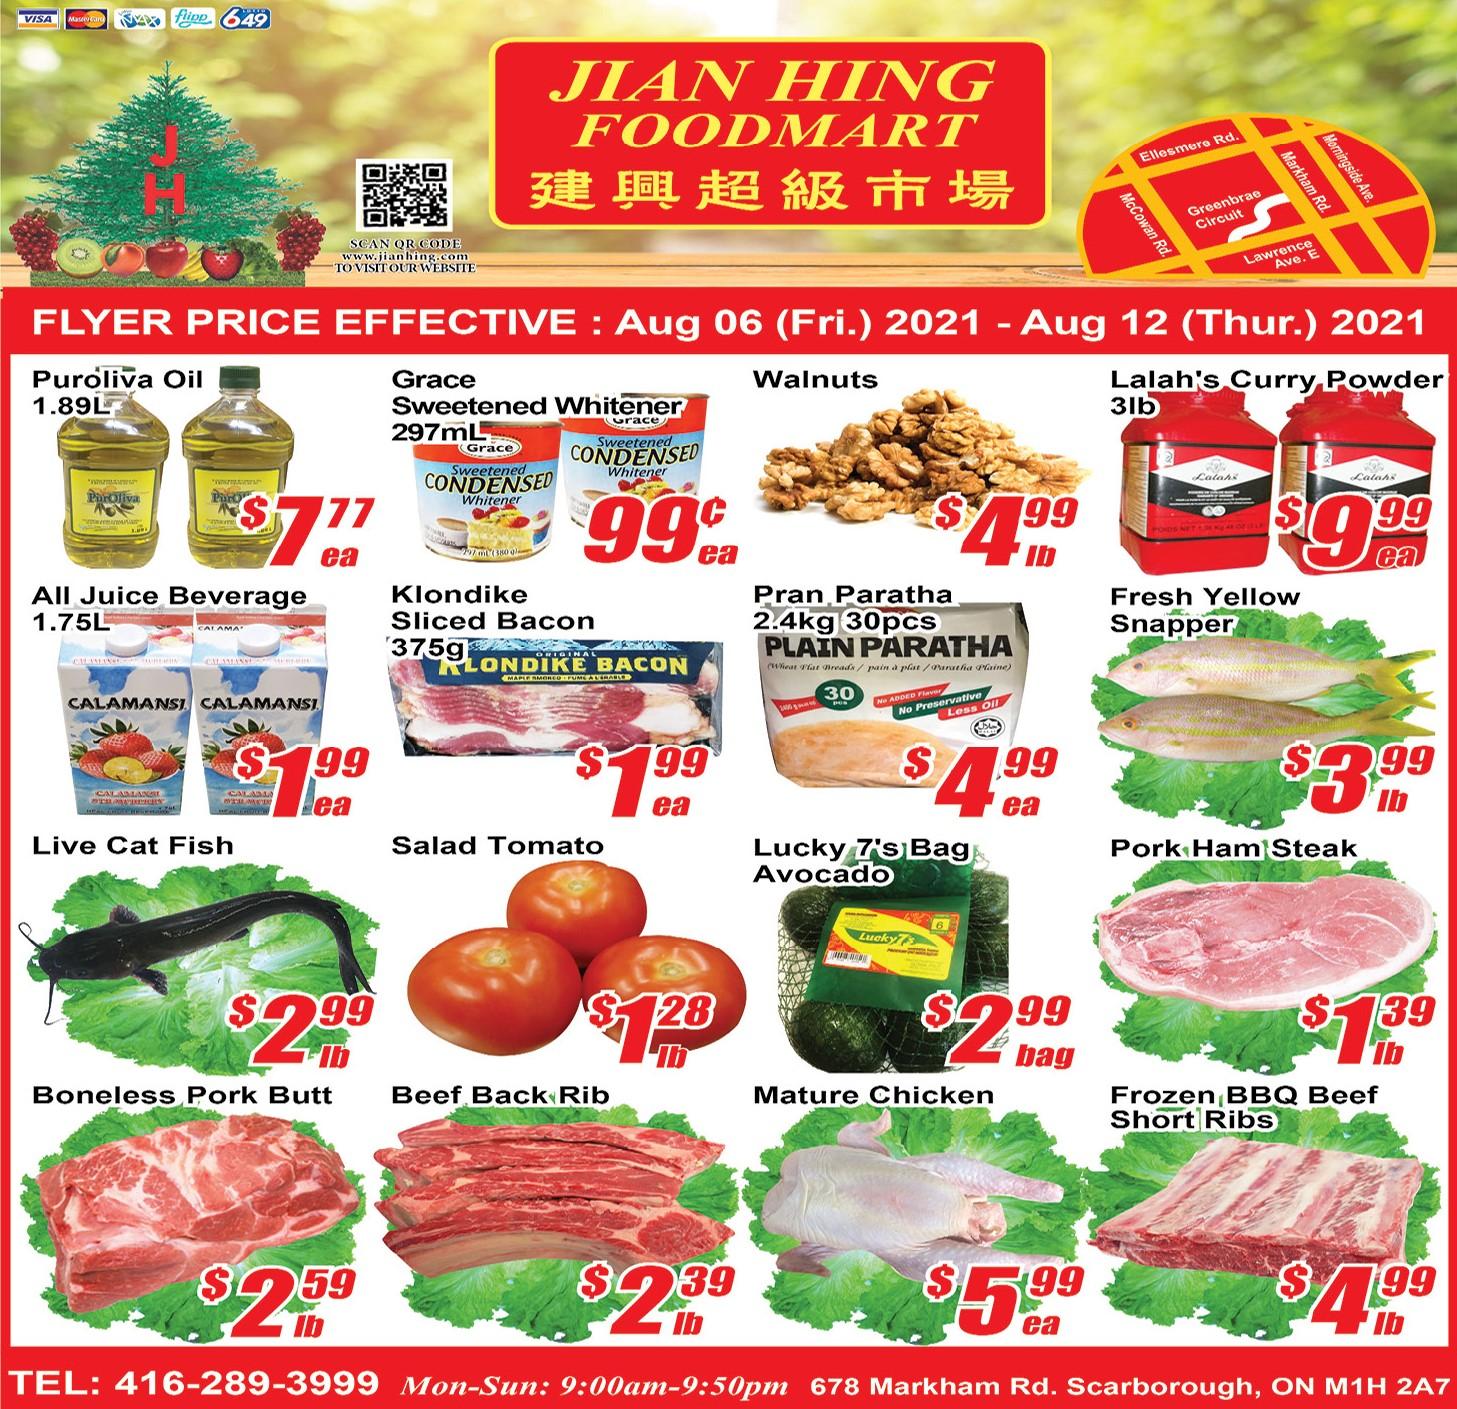 Jian Hing Foodmart Scarborough Flyer | Aug 6